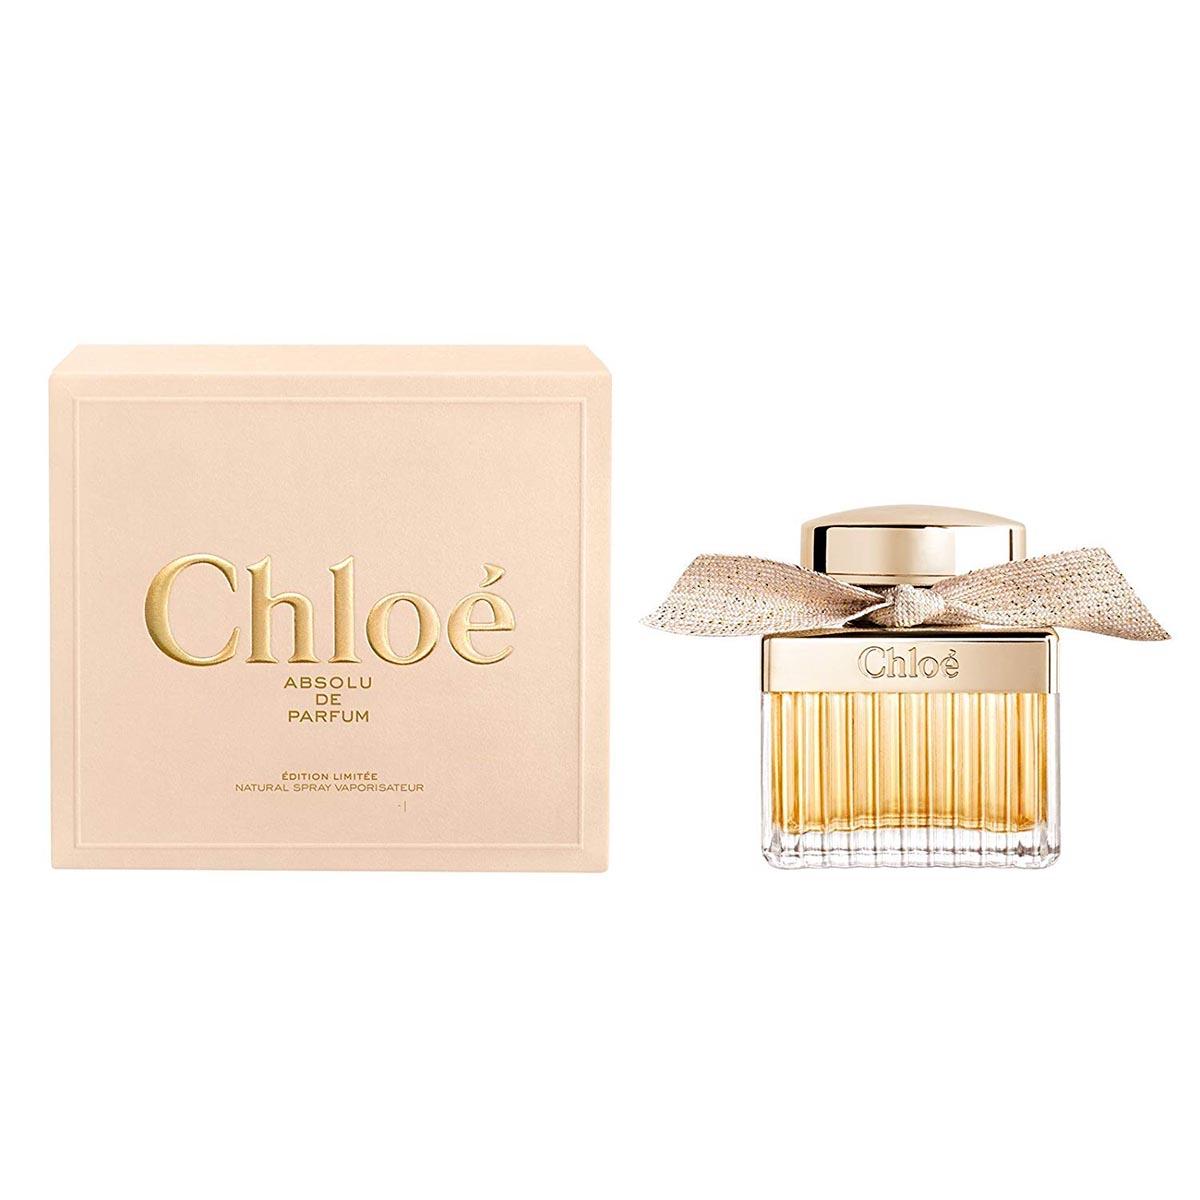 Chloe absolu de parfum 30ml vaporizador